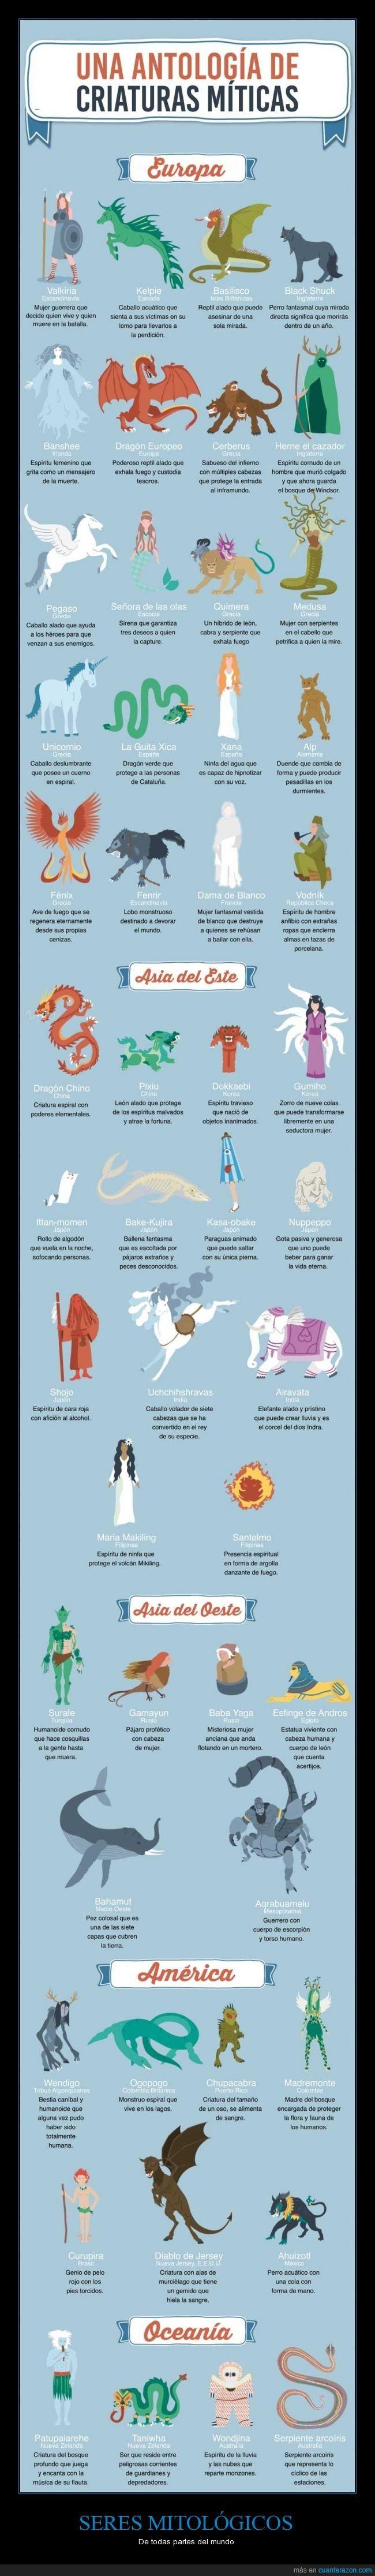 SERES MITOLÓGICOS - De todas partes del mundo